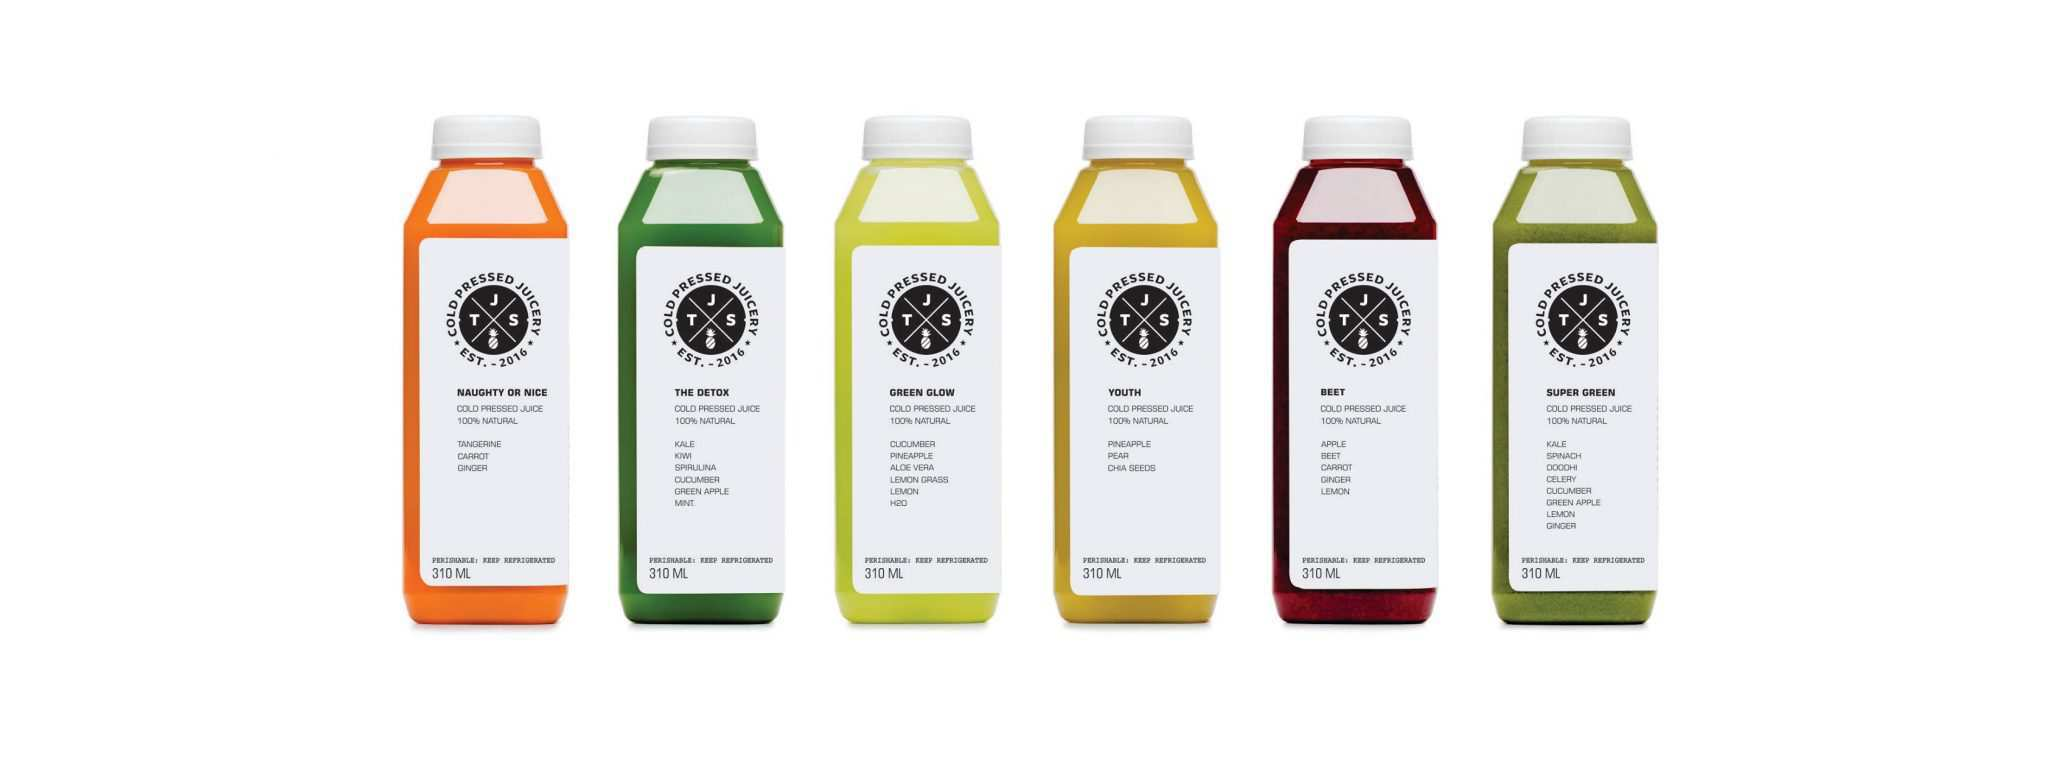 The Juice Shop